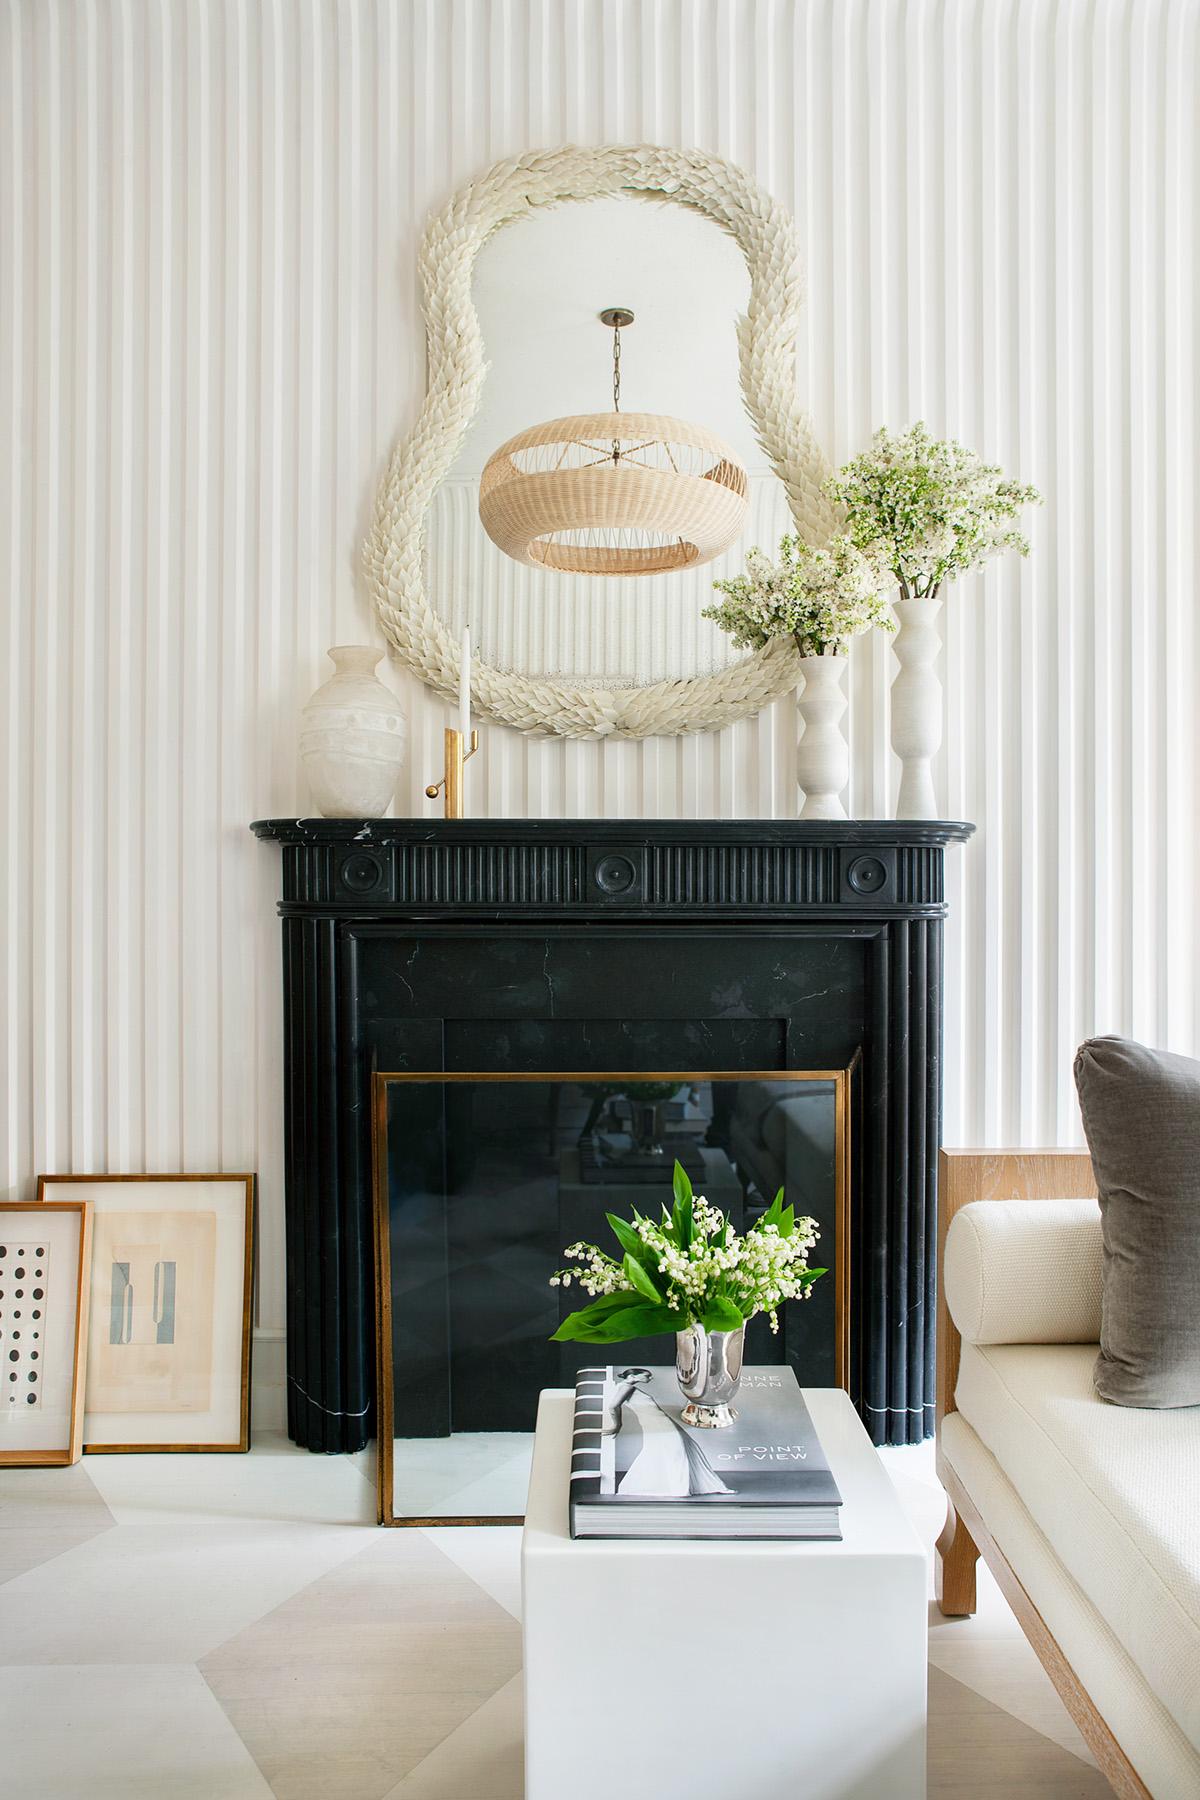 sarah bartholomew Murs cannelés en plâtre et une cheminée noire classique dans un salon